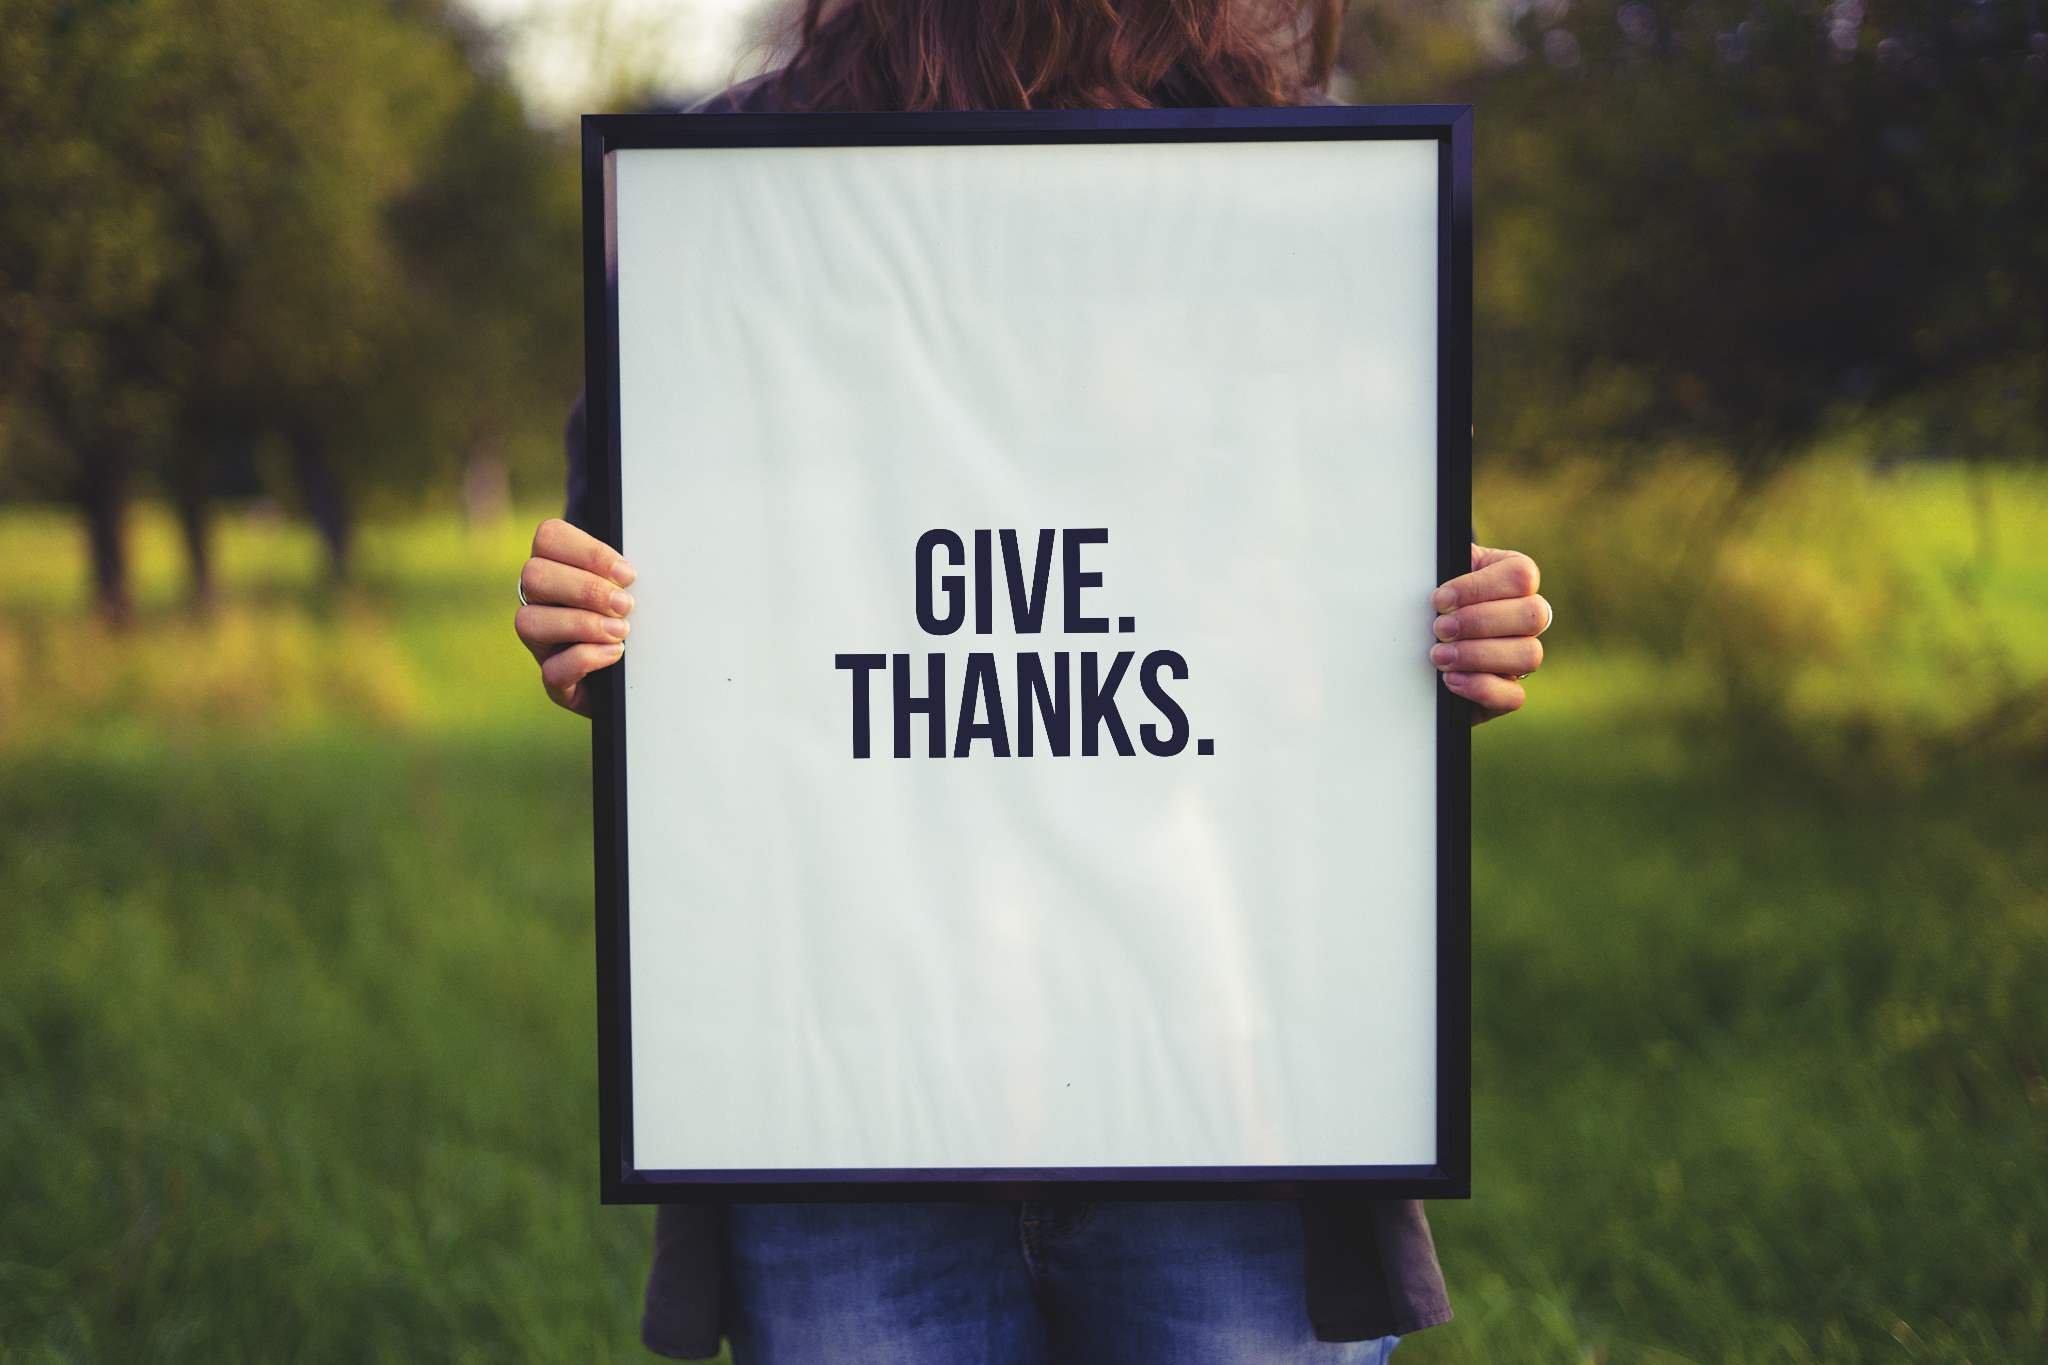 En landingsside er laget for å gi noe, før du kan få noe tilbake som takk.